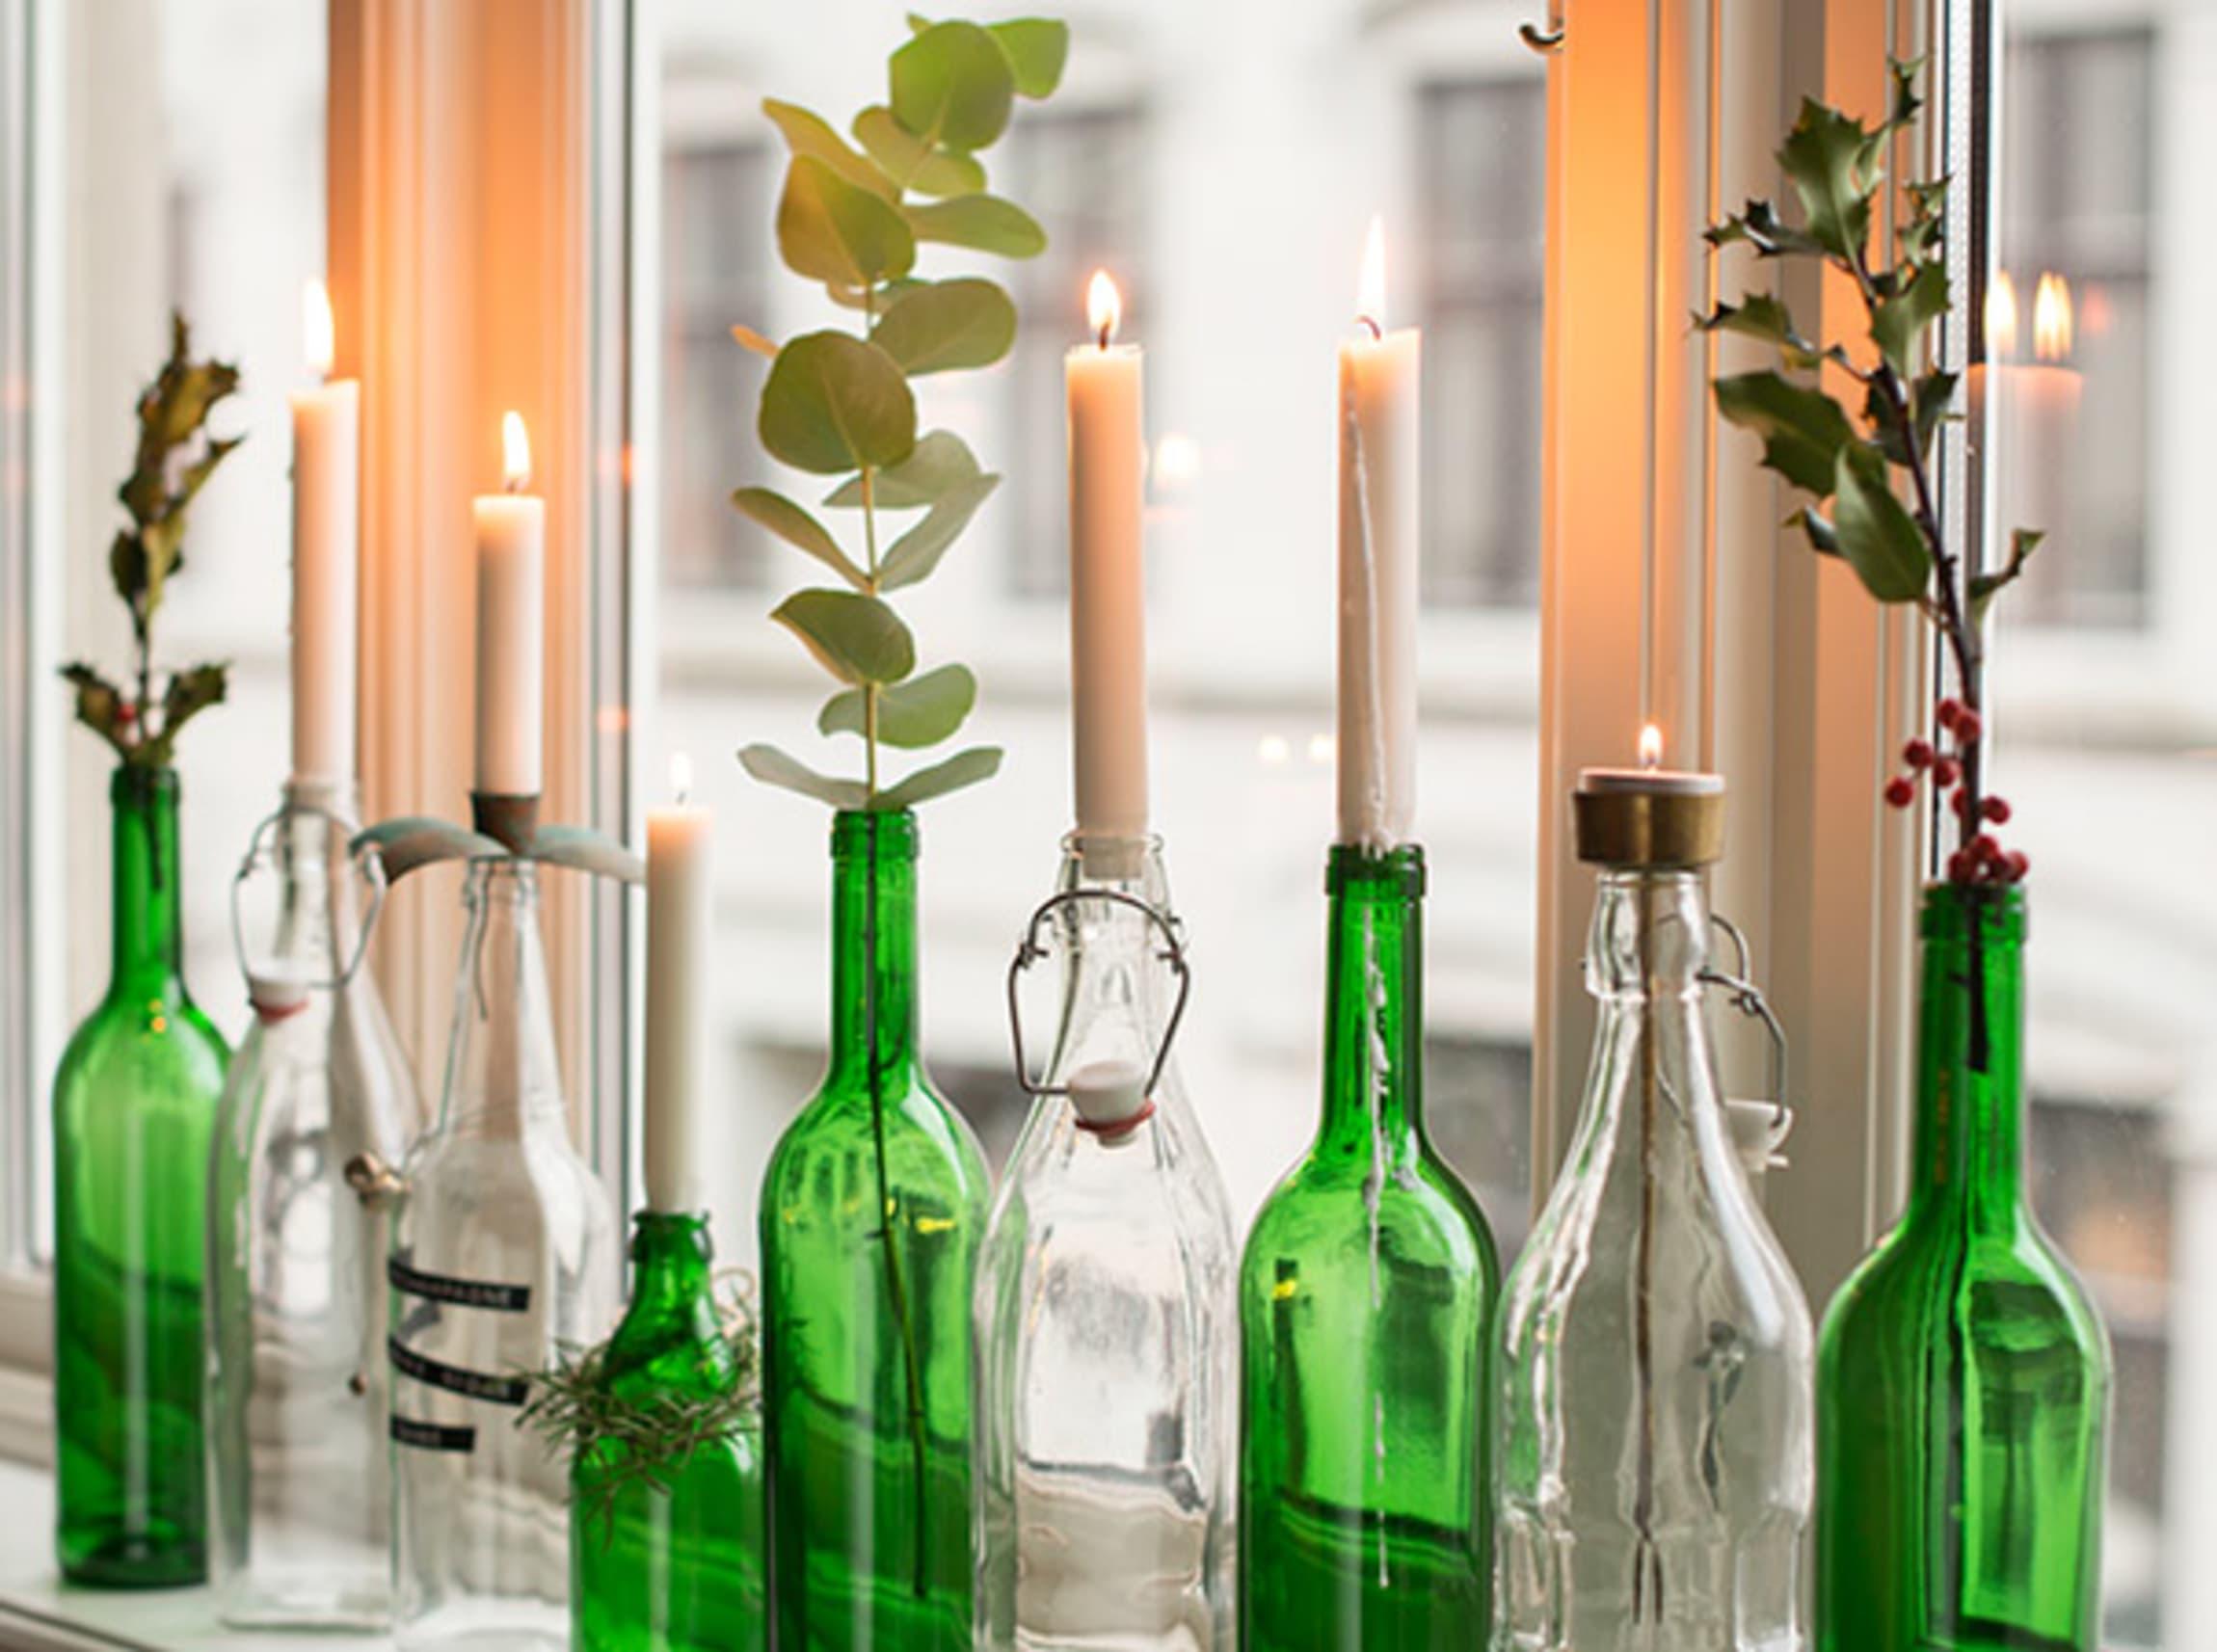 Tomme, gamle flasker kan være veldig dekorativt